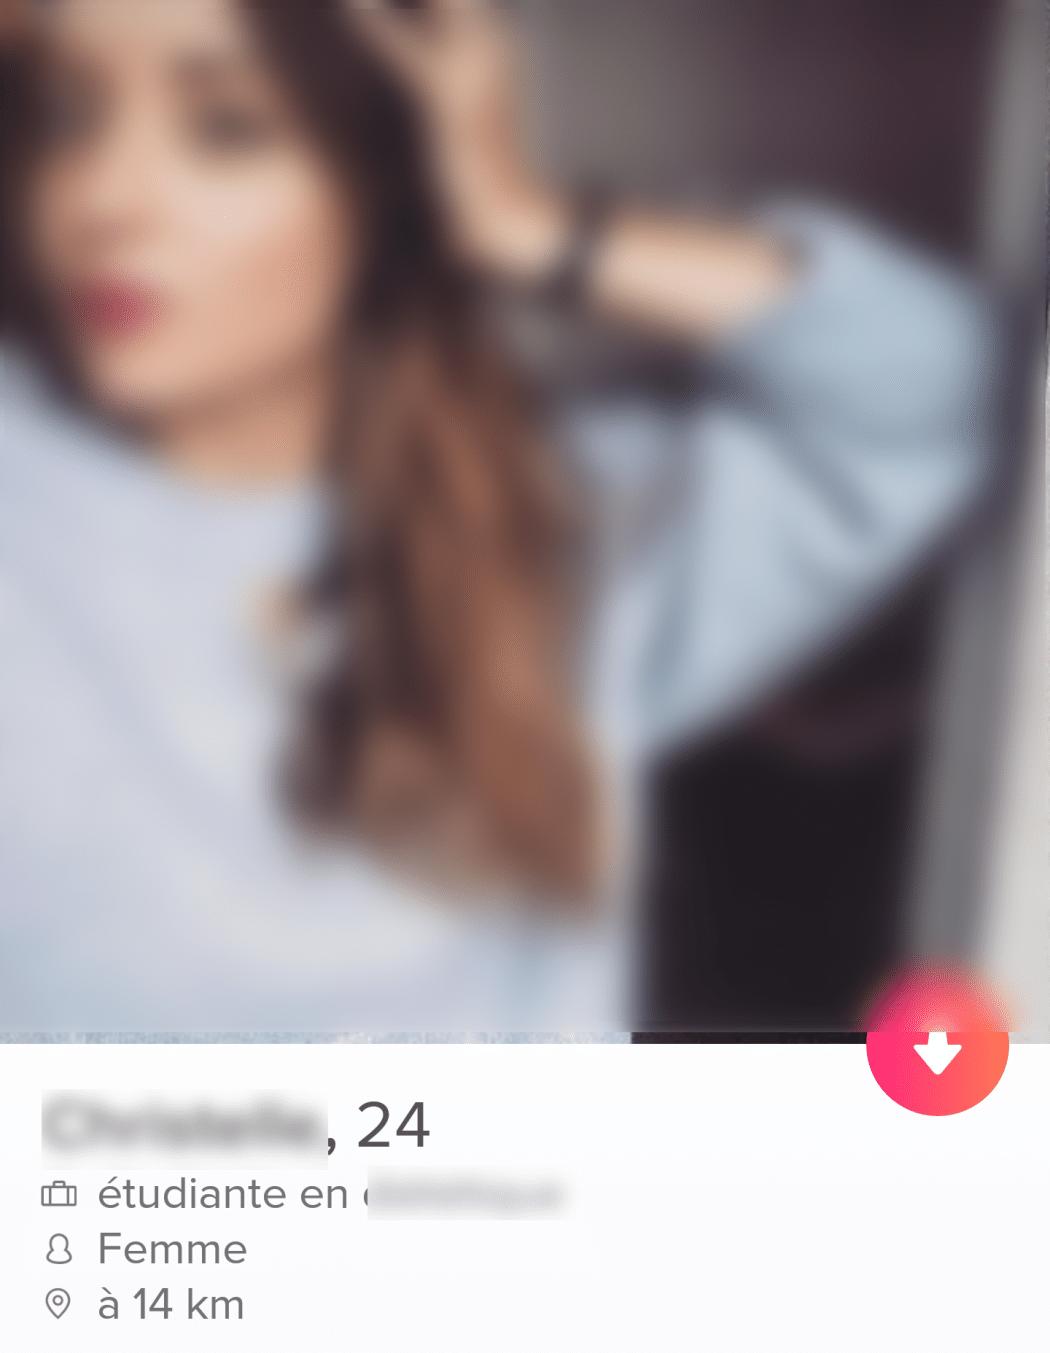 réagir sur le profil tinder d'une fille